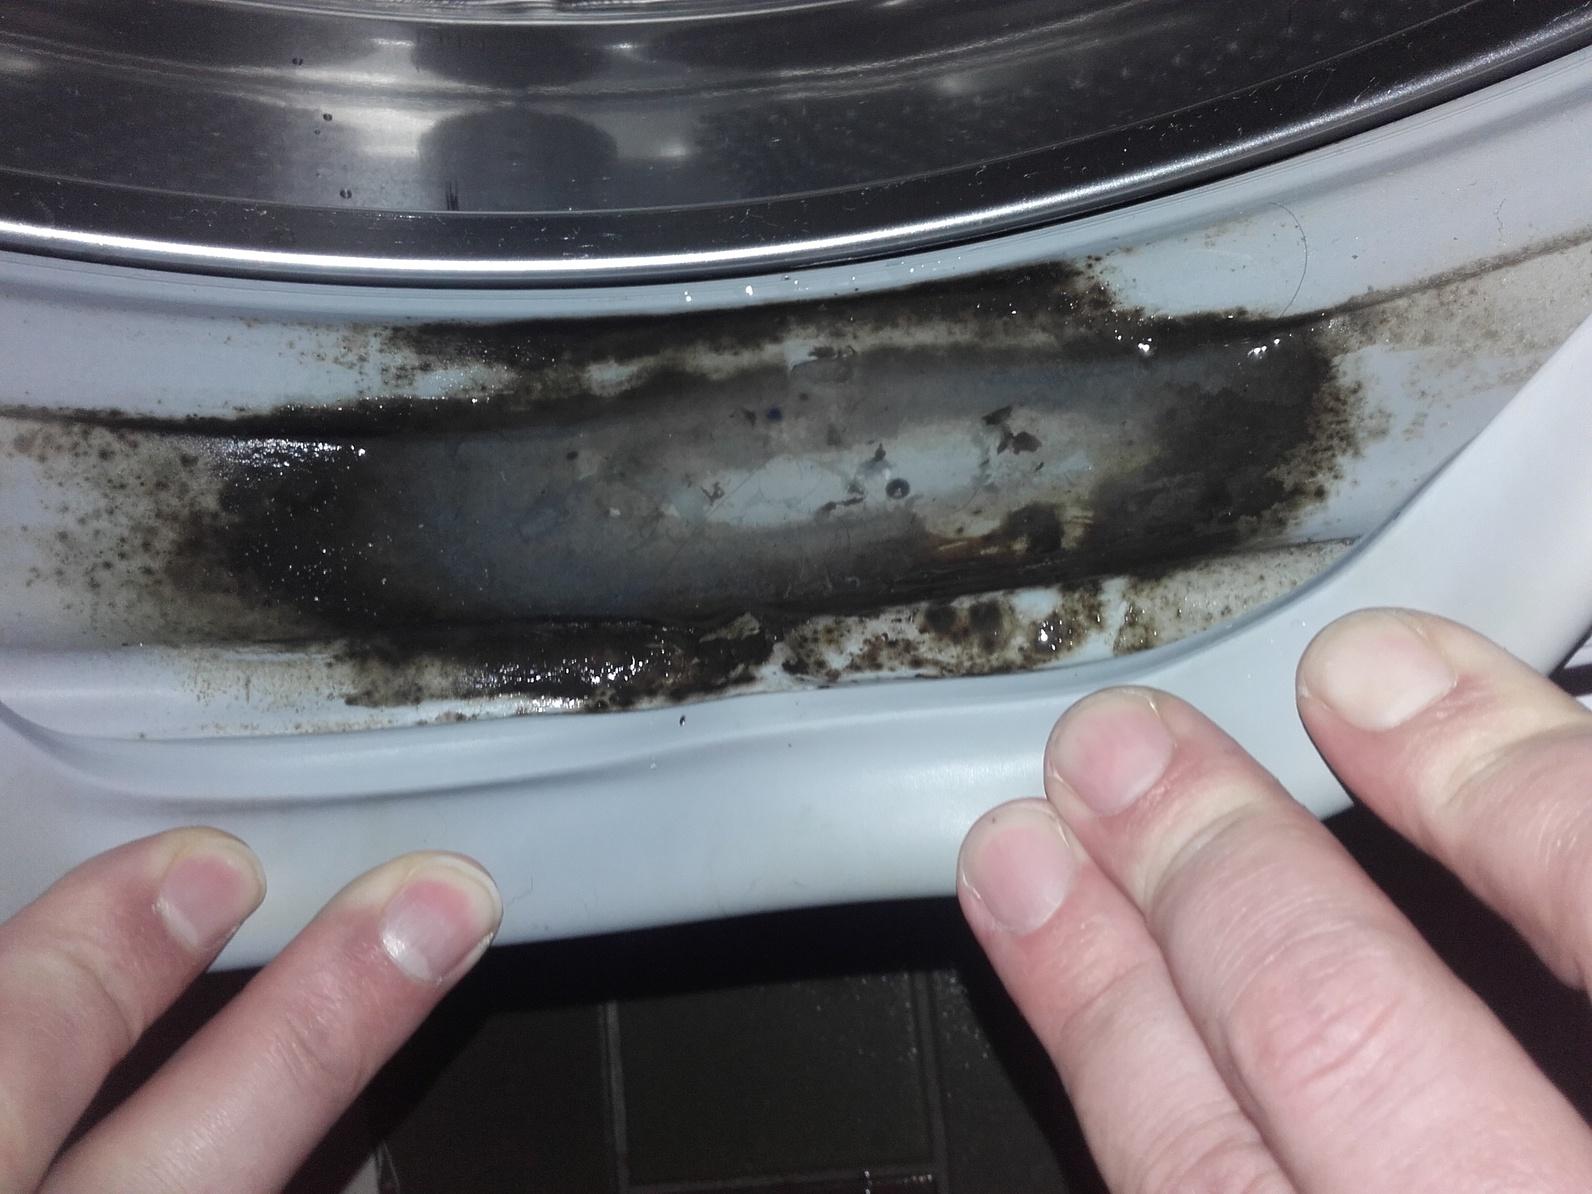 Warum Stinkt Waschmaschine neue waschmaschine stinkt was tun